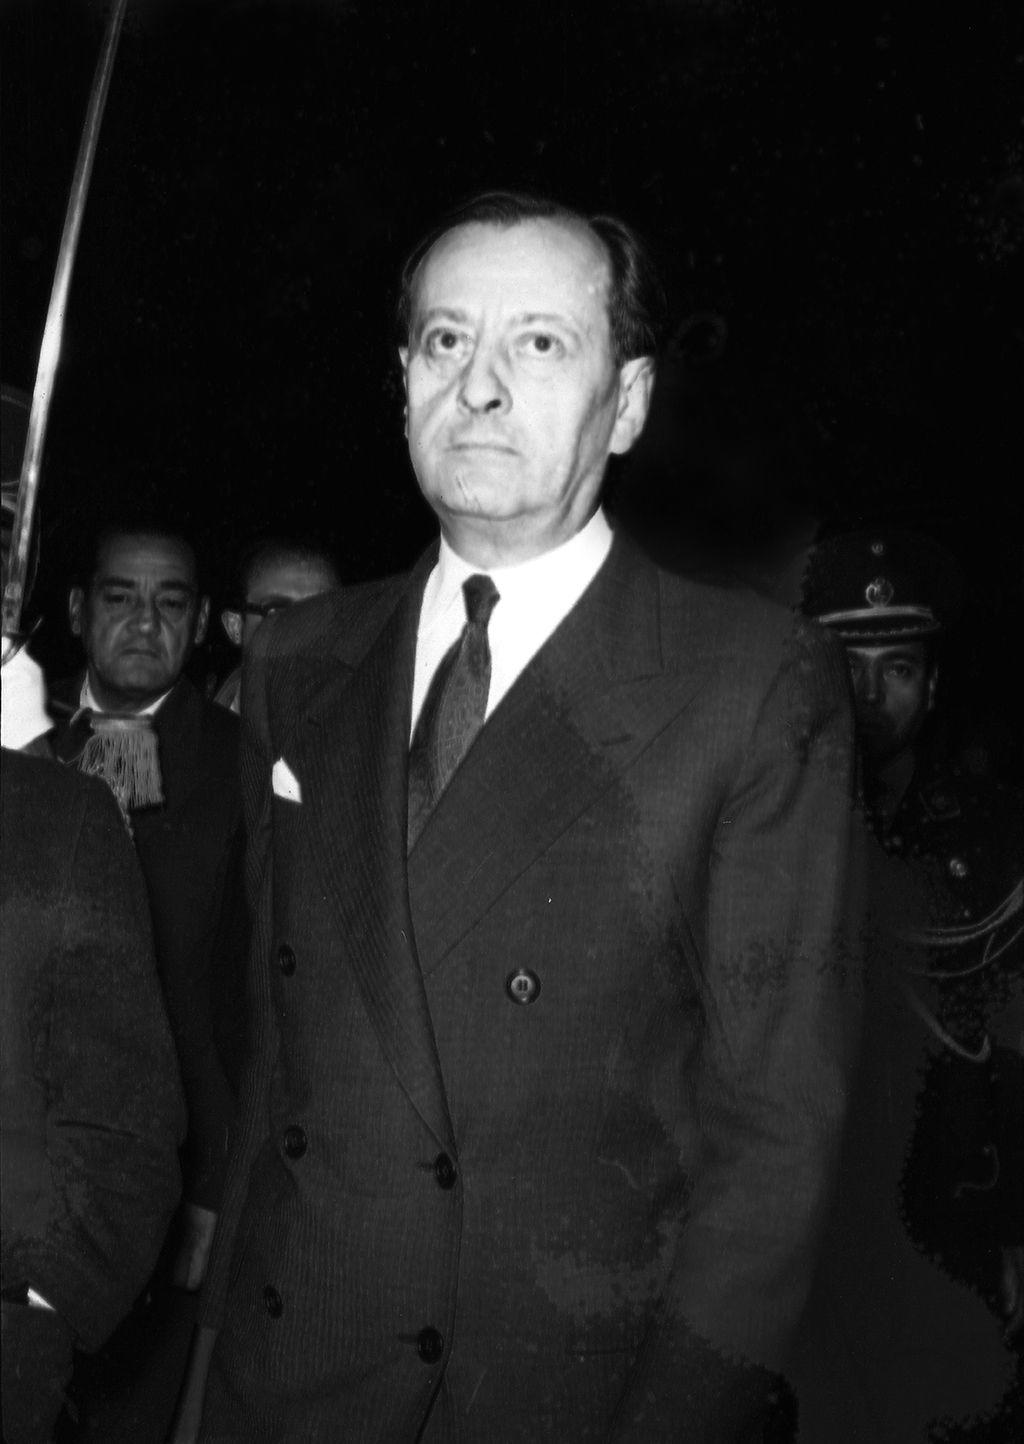 Luego de cuatro días de permanencia en el Perú, entre Lima y Cusco, el escritor francés André Malraux se despidió del pueblo peruano y marchó rumbo a Chile. (Foto: GEC Archivo Histórico)